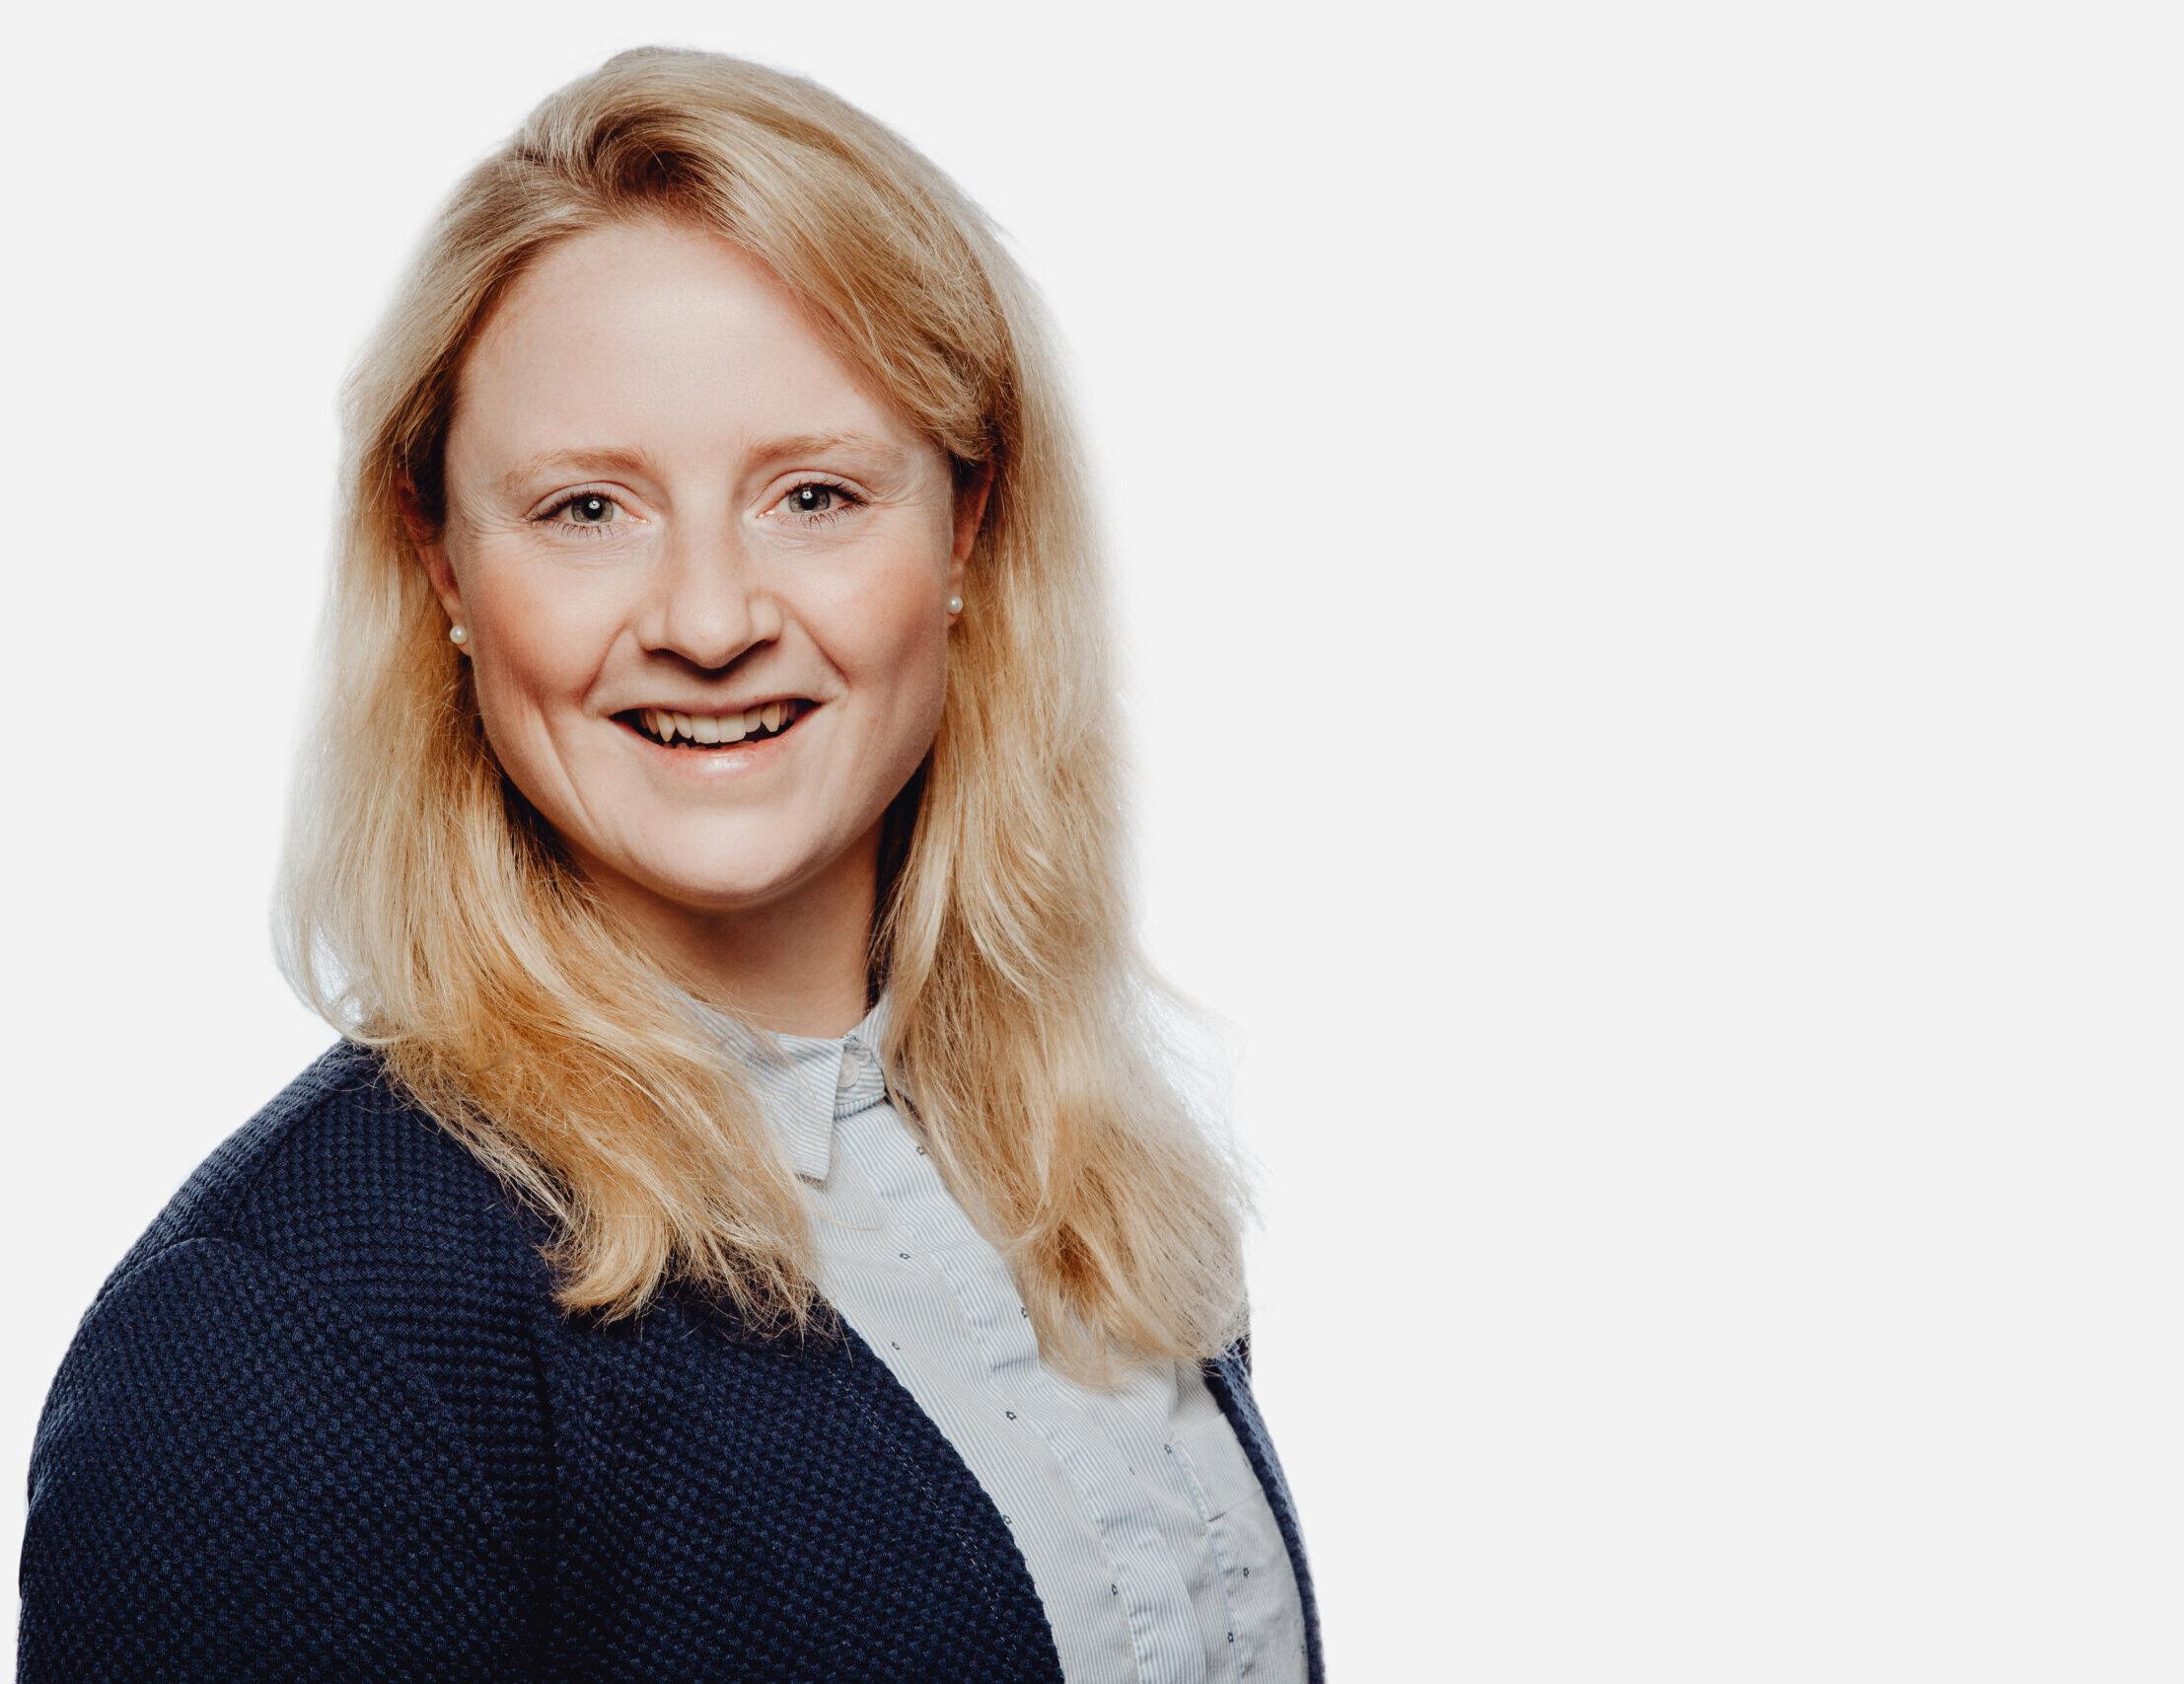 Annika Schmitz